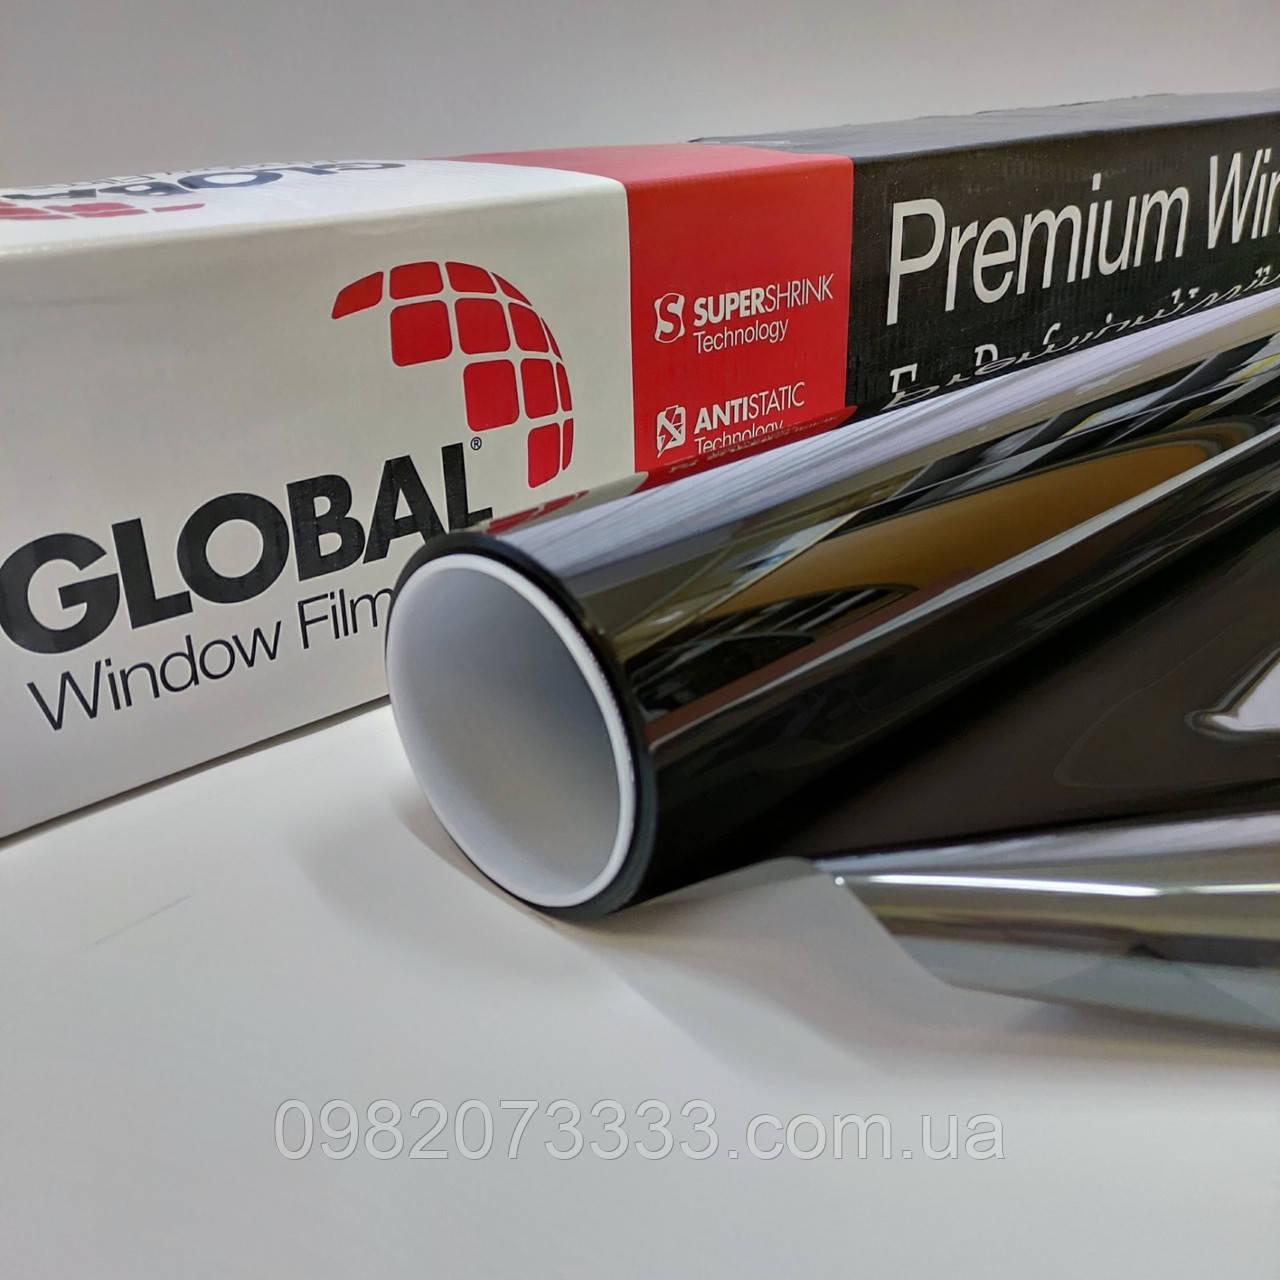 Автомобильная пленка QDP Carbon 20 ширина 1,524 (США) Global автомобильная. Тонировка. Глобал (цена за кв.м)